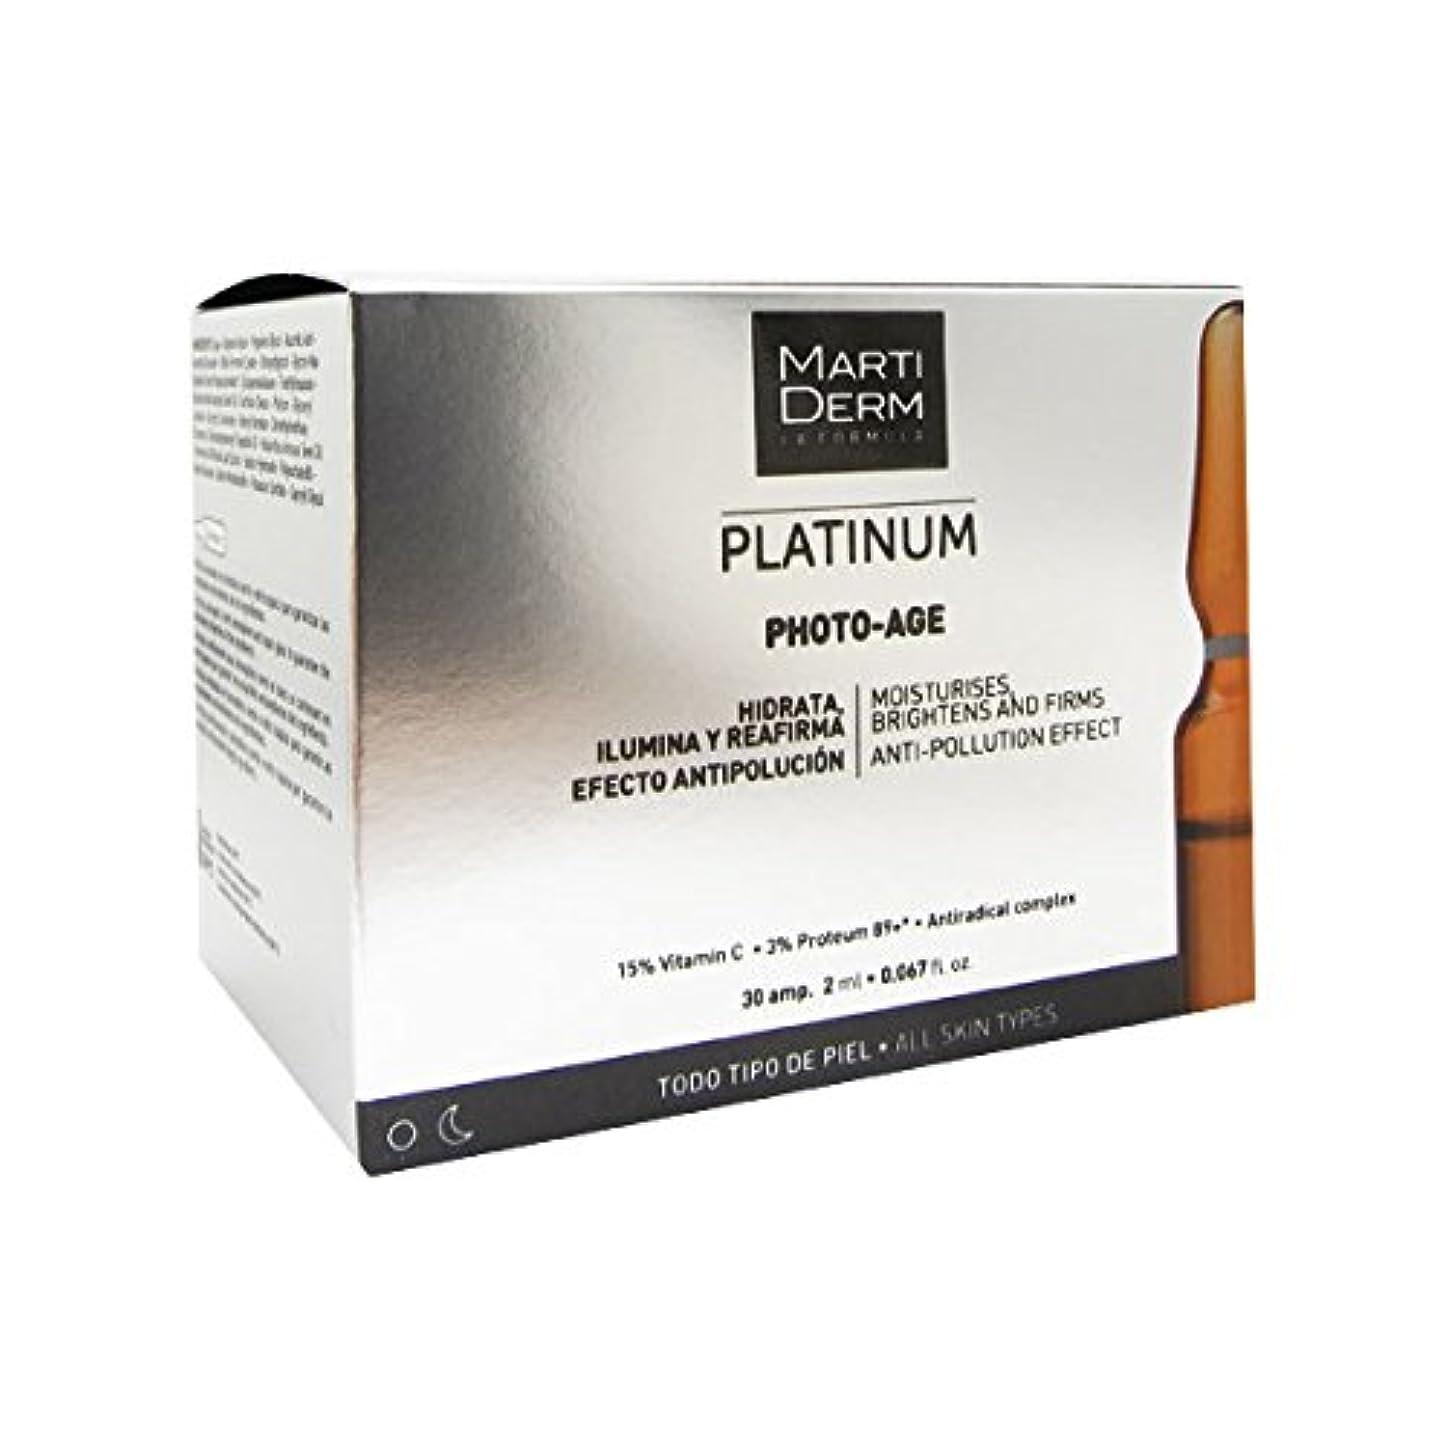 直立ボーダーシュリンクMartiderm Platinum Photo-age 30ampx2ml [並行輸入品]